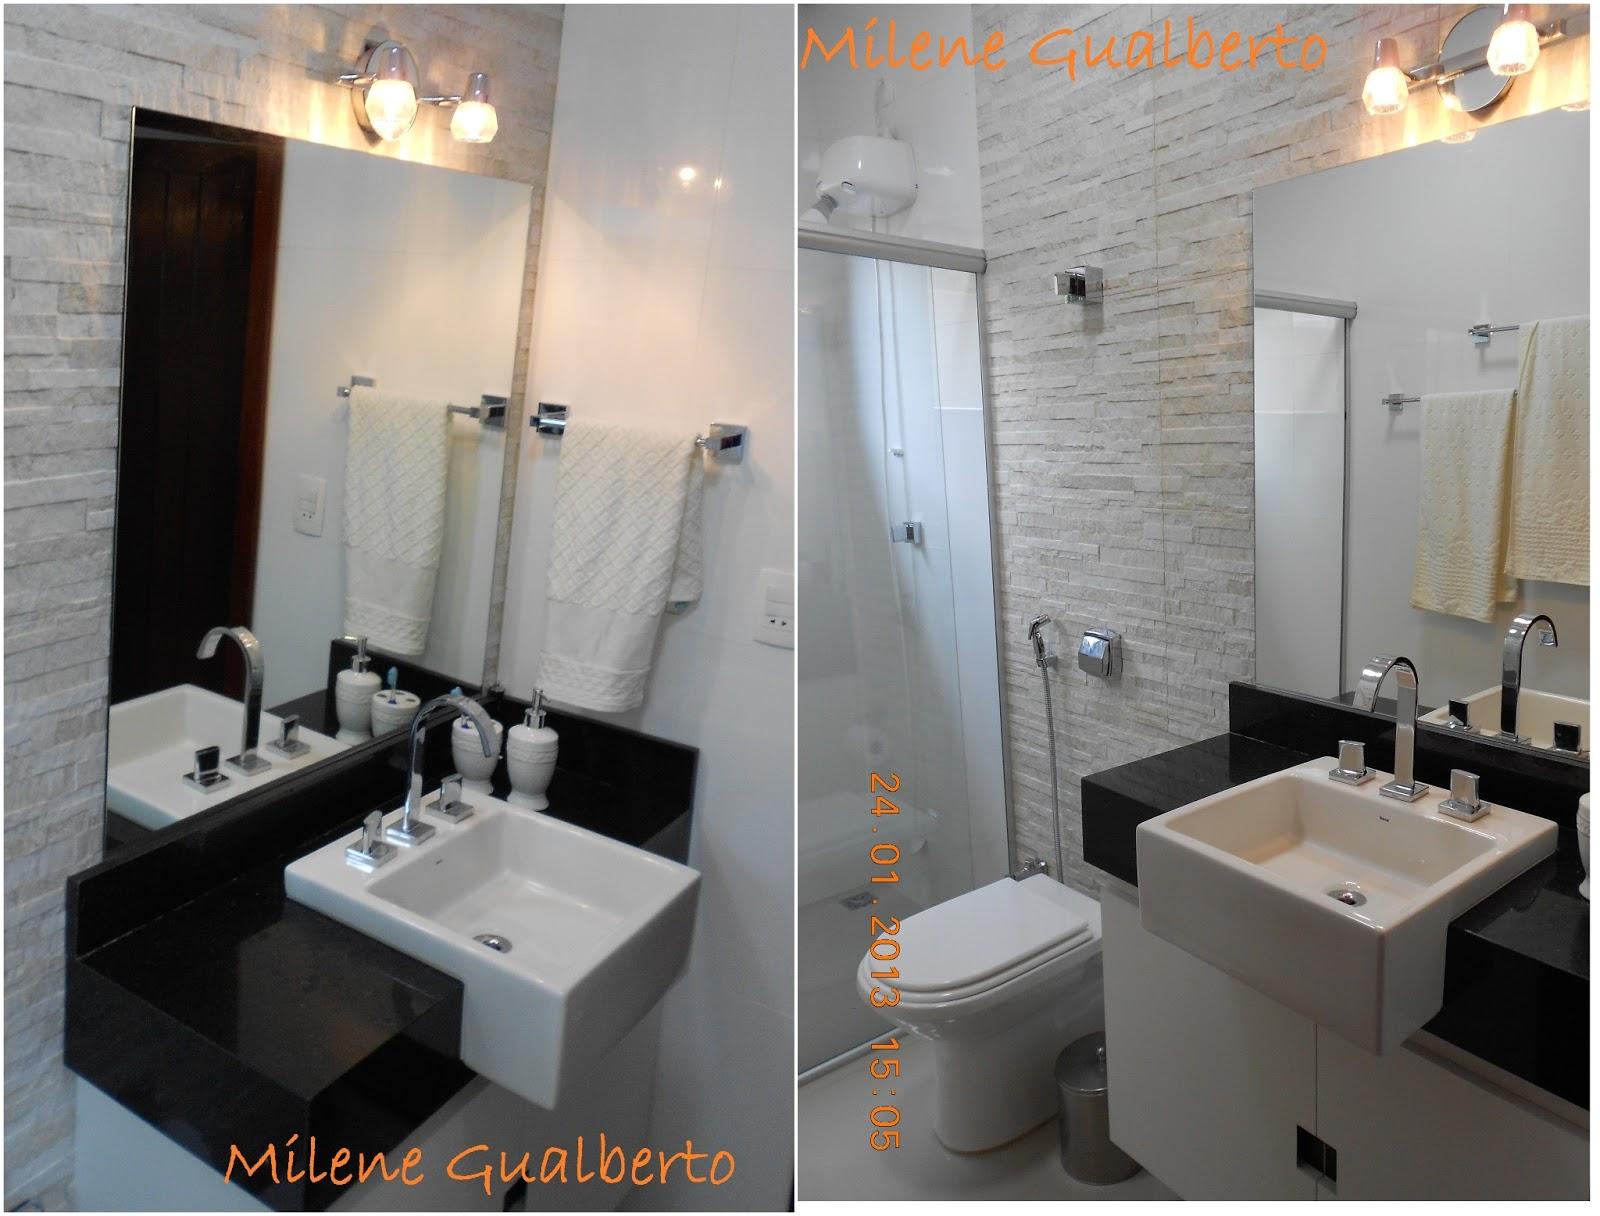 Imagens de #A15C2A Milene Gualberto: Projetos Residênciais Banheiro Porcelanato HD 1600x1216 px 3626 Banheiros Simples Rusticos